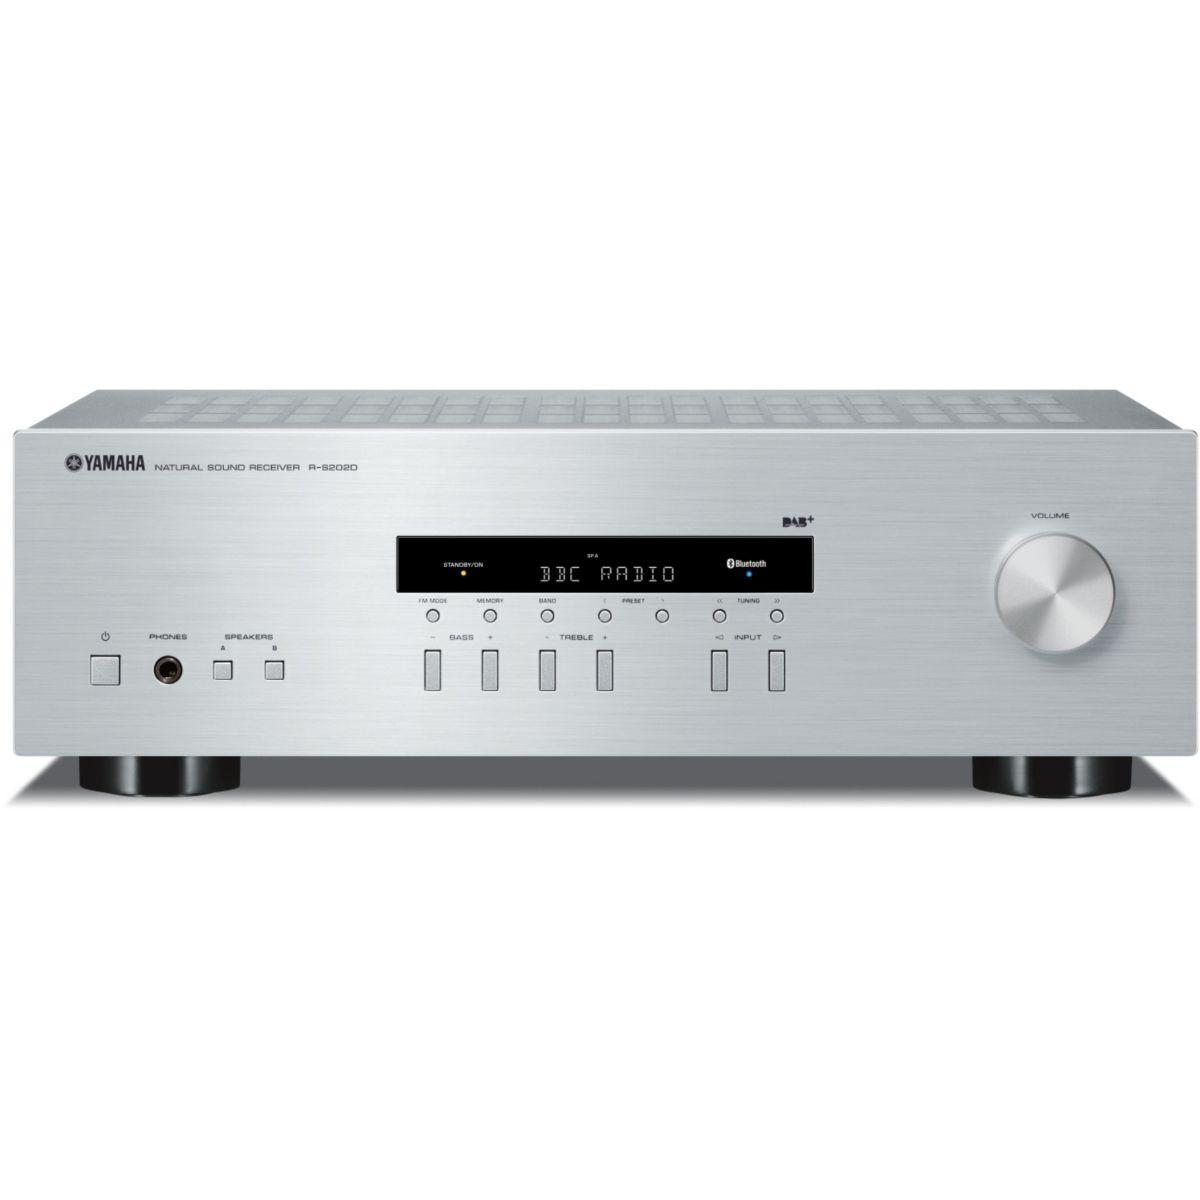 Amplificateur hifi yamaha rs202d silver - livraison offerte : ...